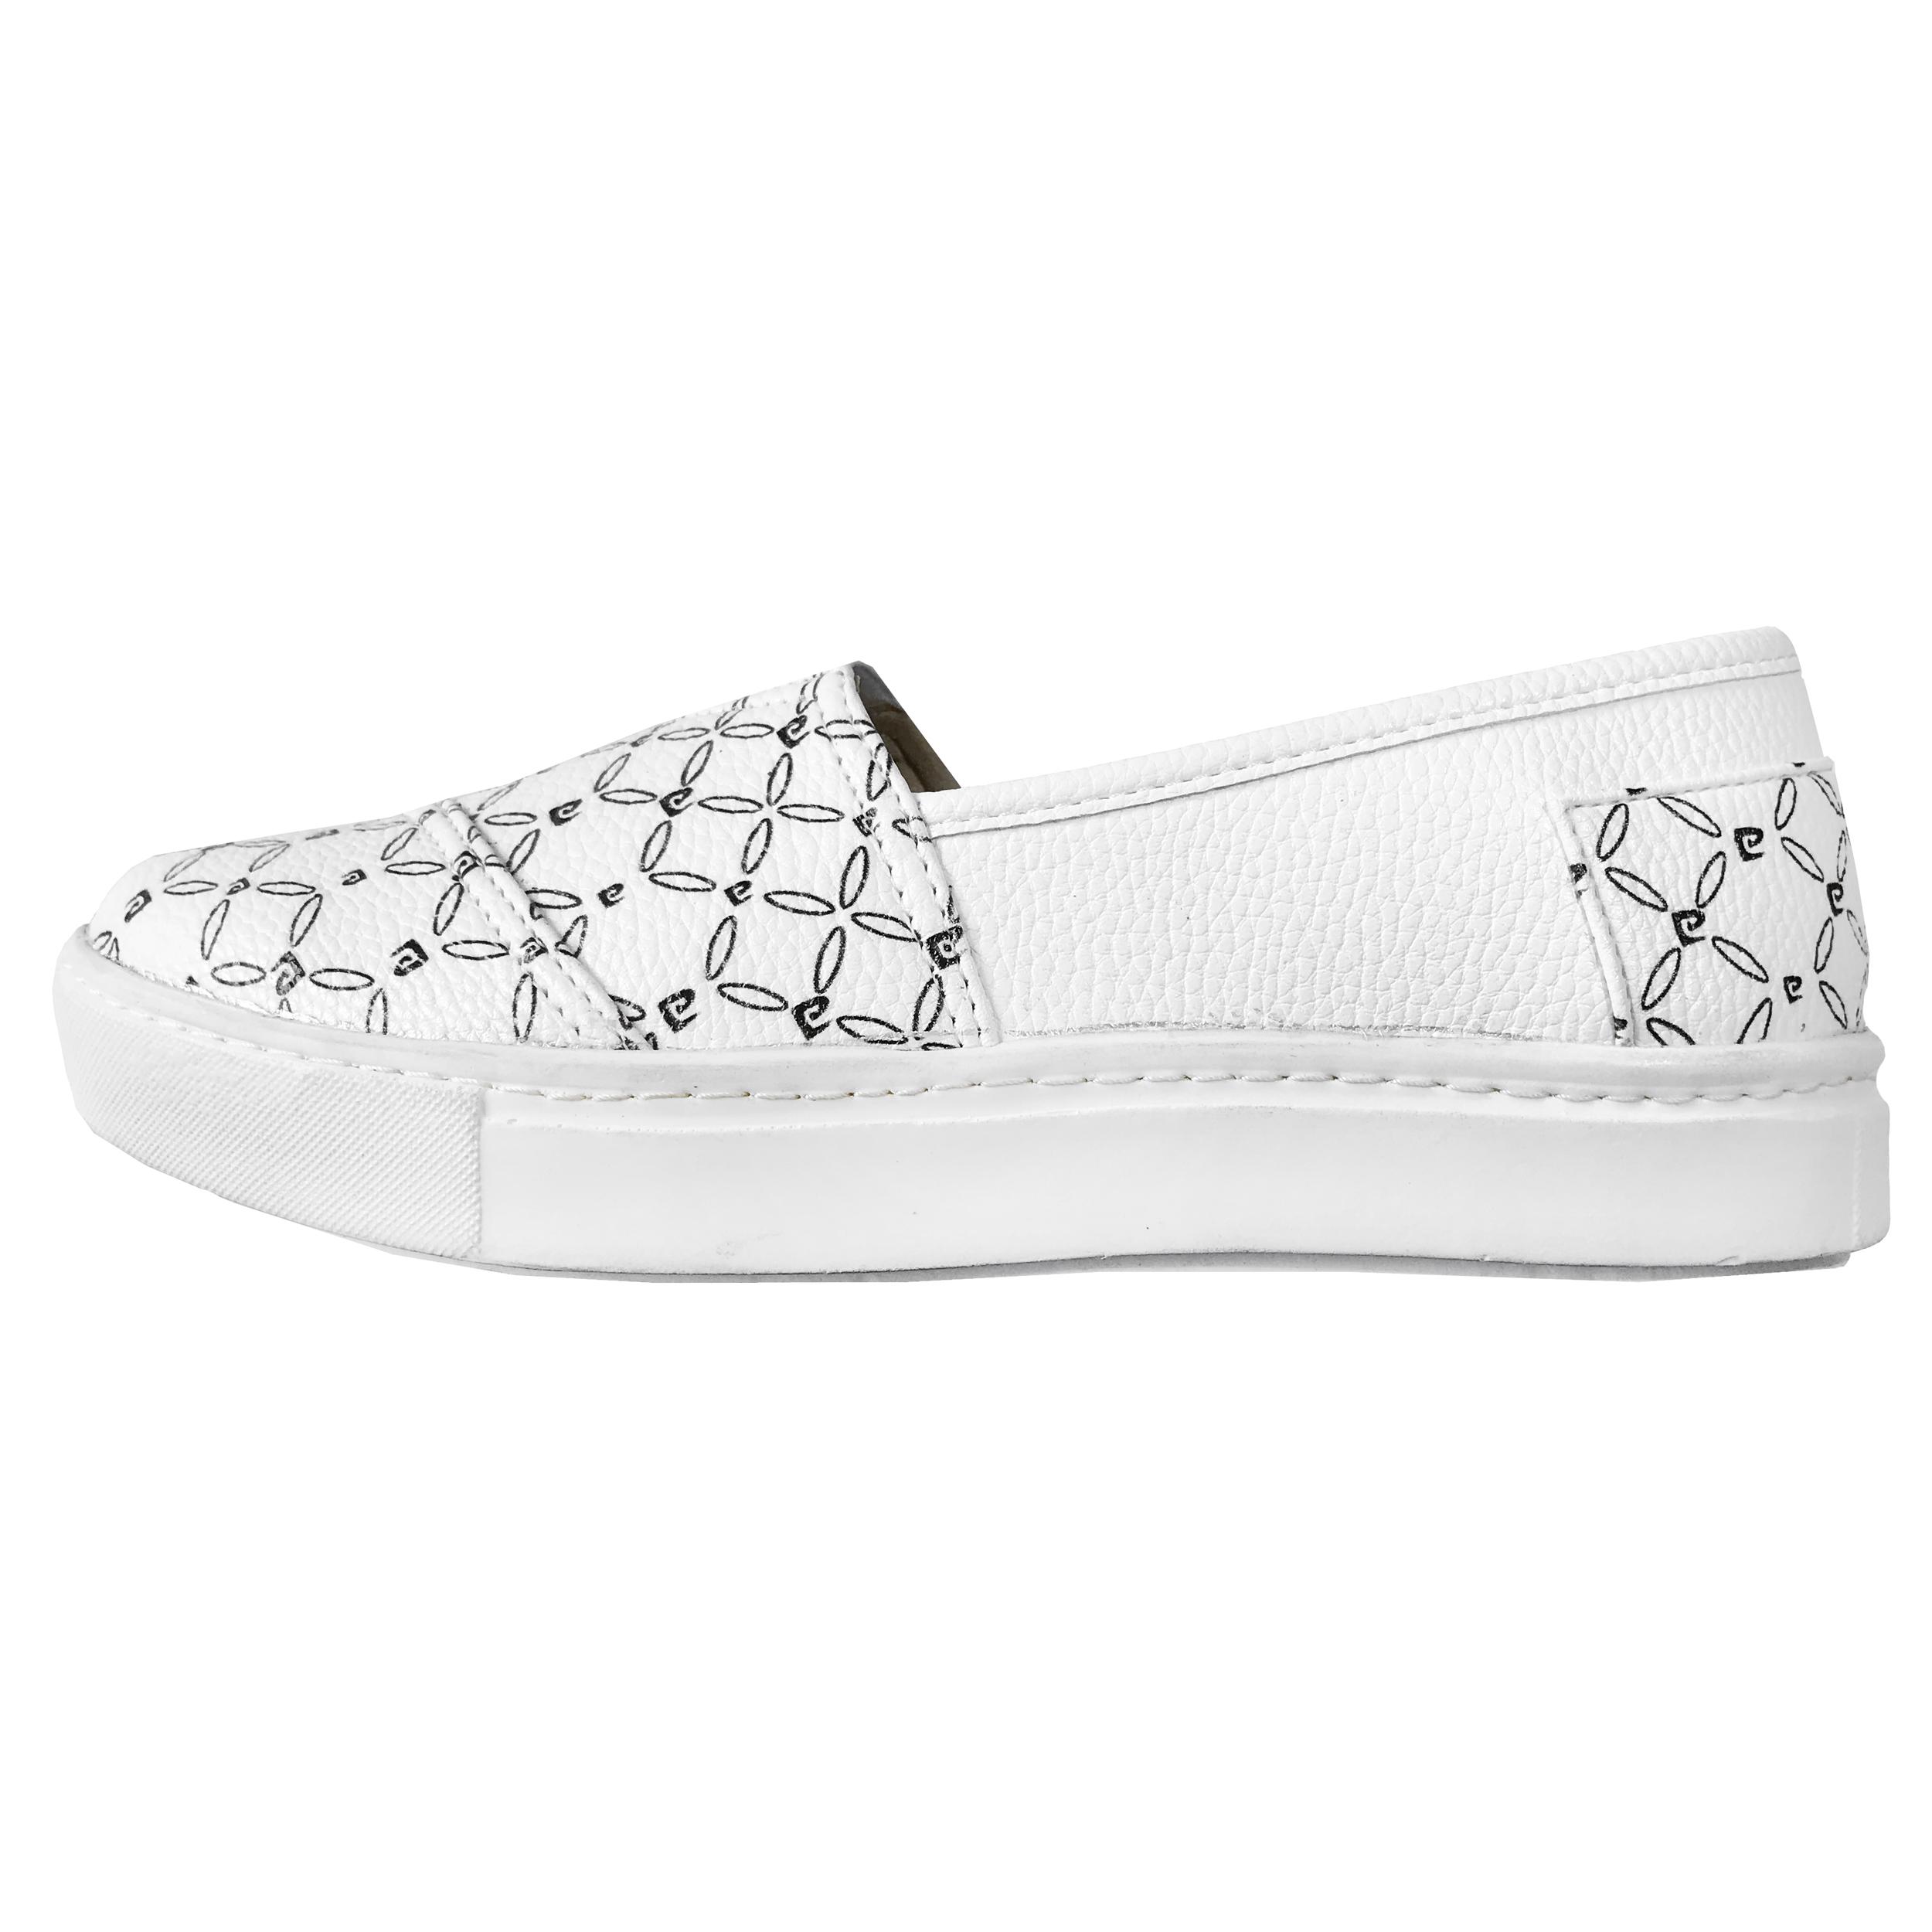 کفش راحتی زنانه مدل PRDS-WH